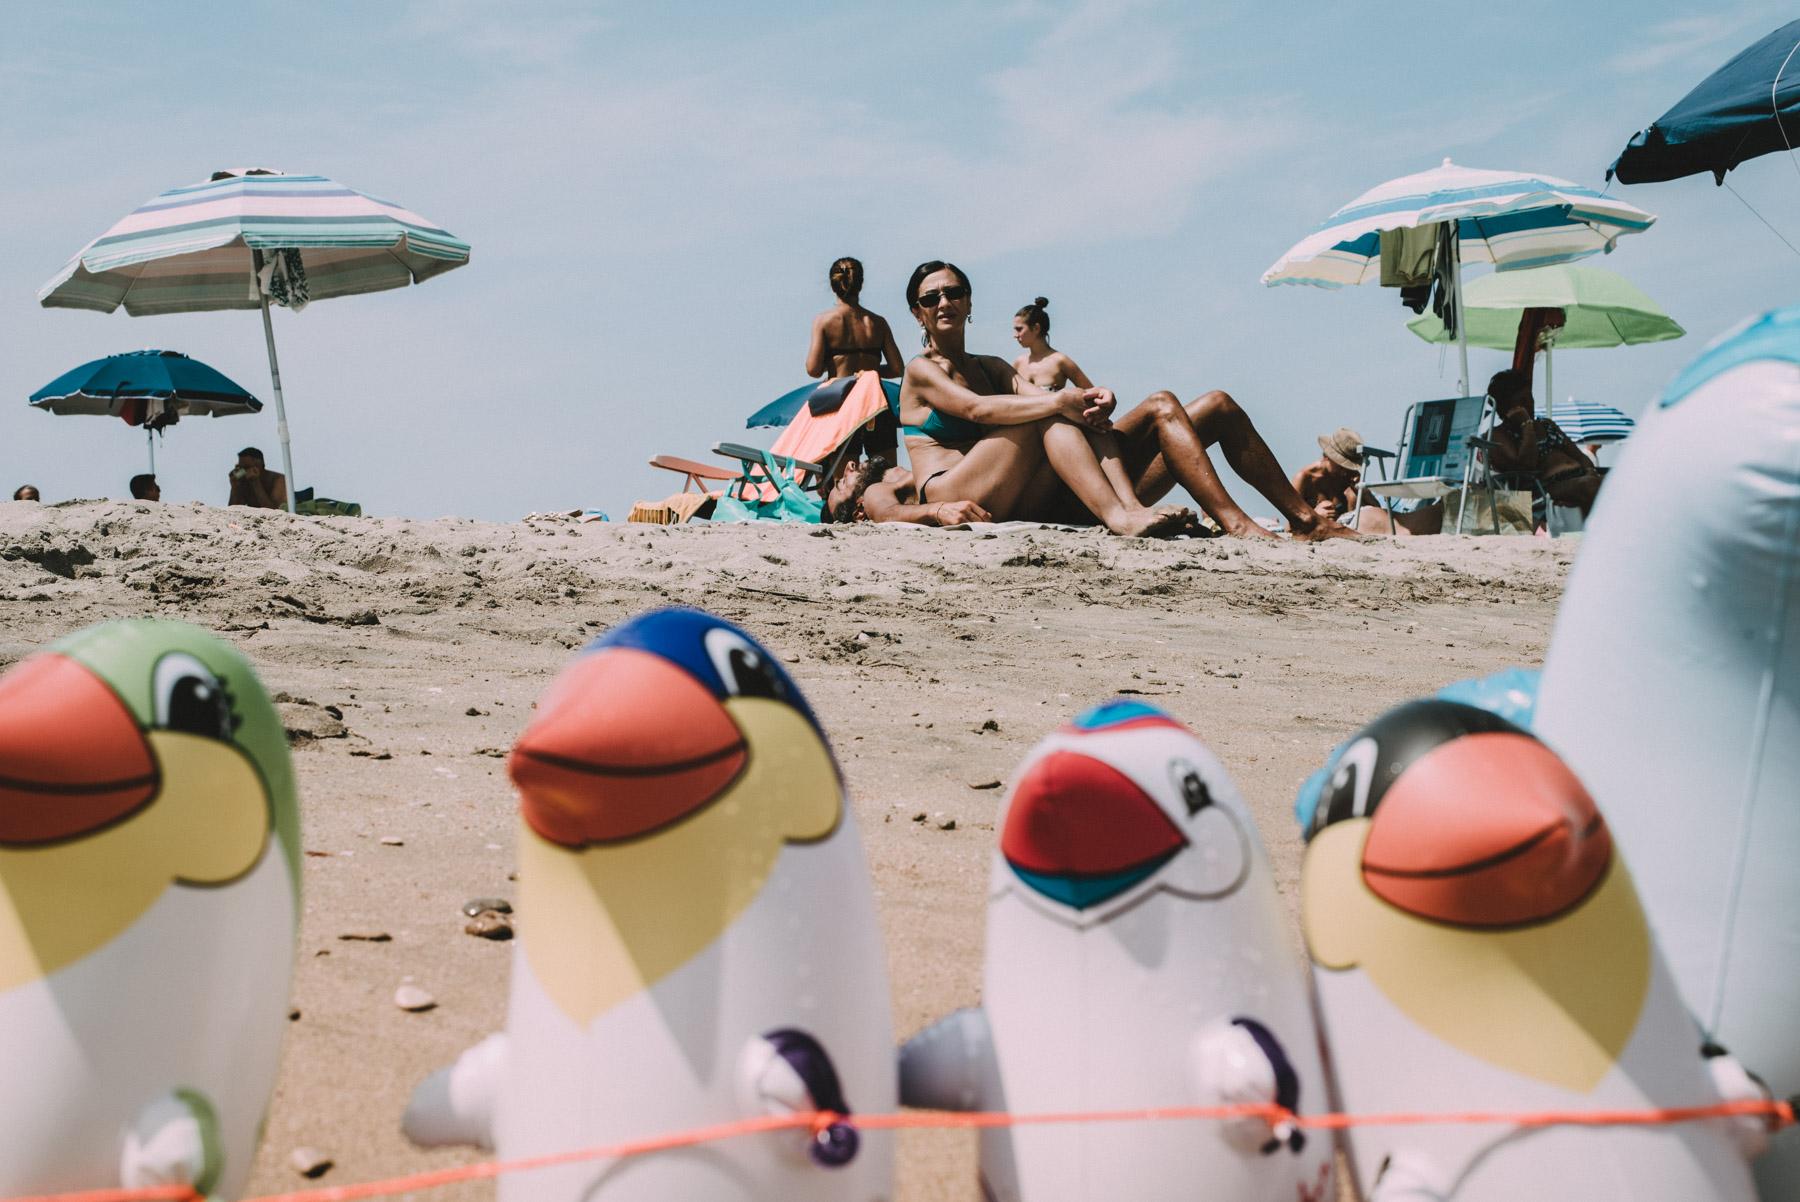 a lady on the beach by the sea framed by rubber beach toys in the city of Barletta in Apulia, una signora in spiaggia al mare con in primo piano dei giocattoli da spiaggia di gomma nella città di Barletta in Puglia